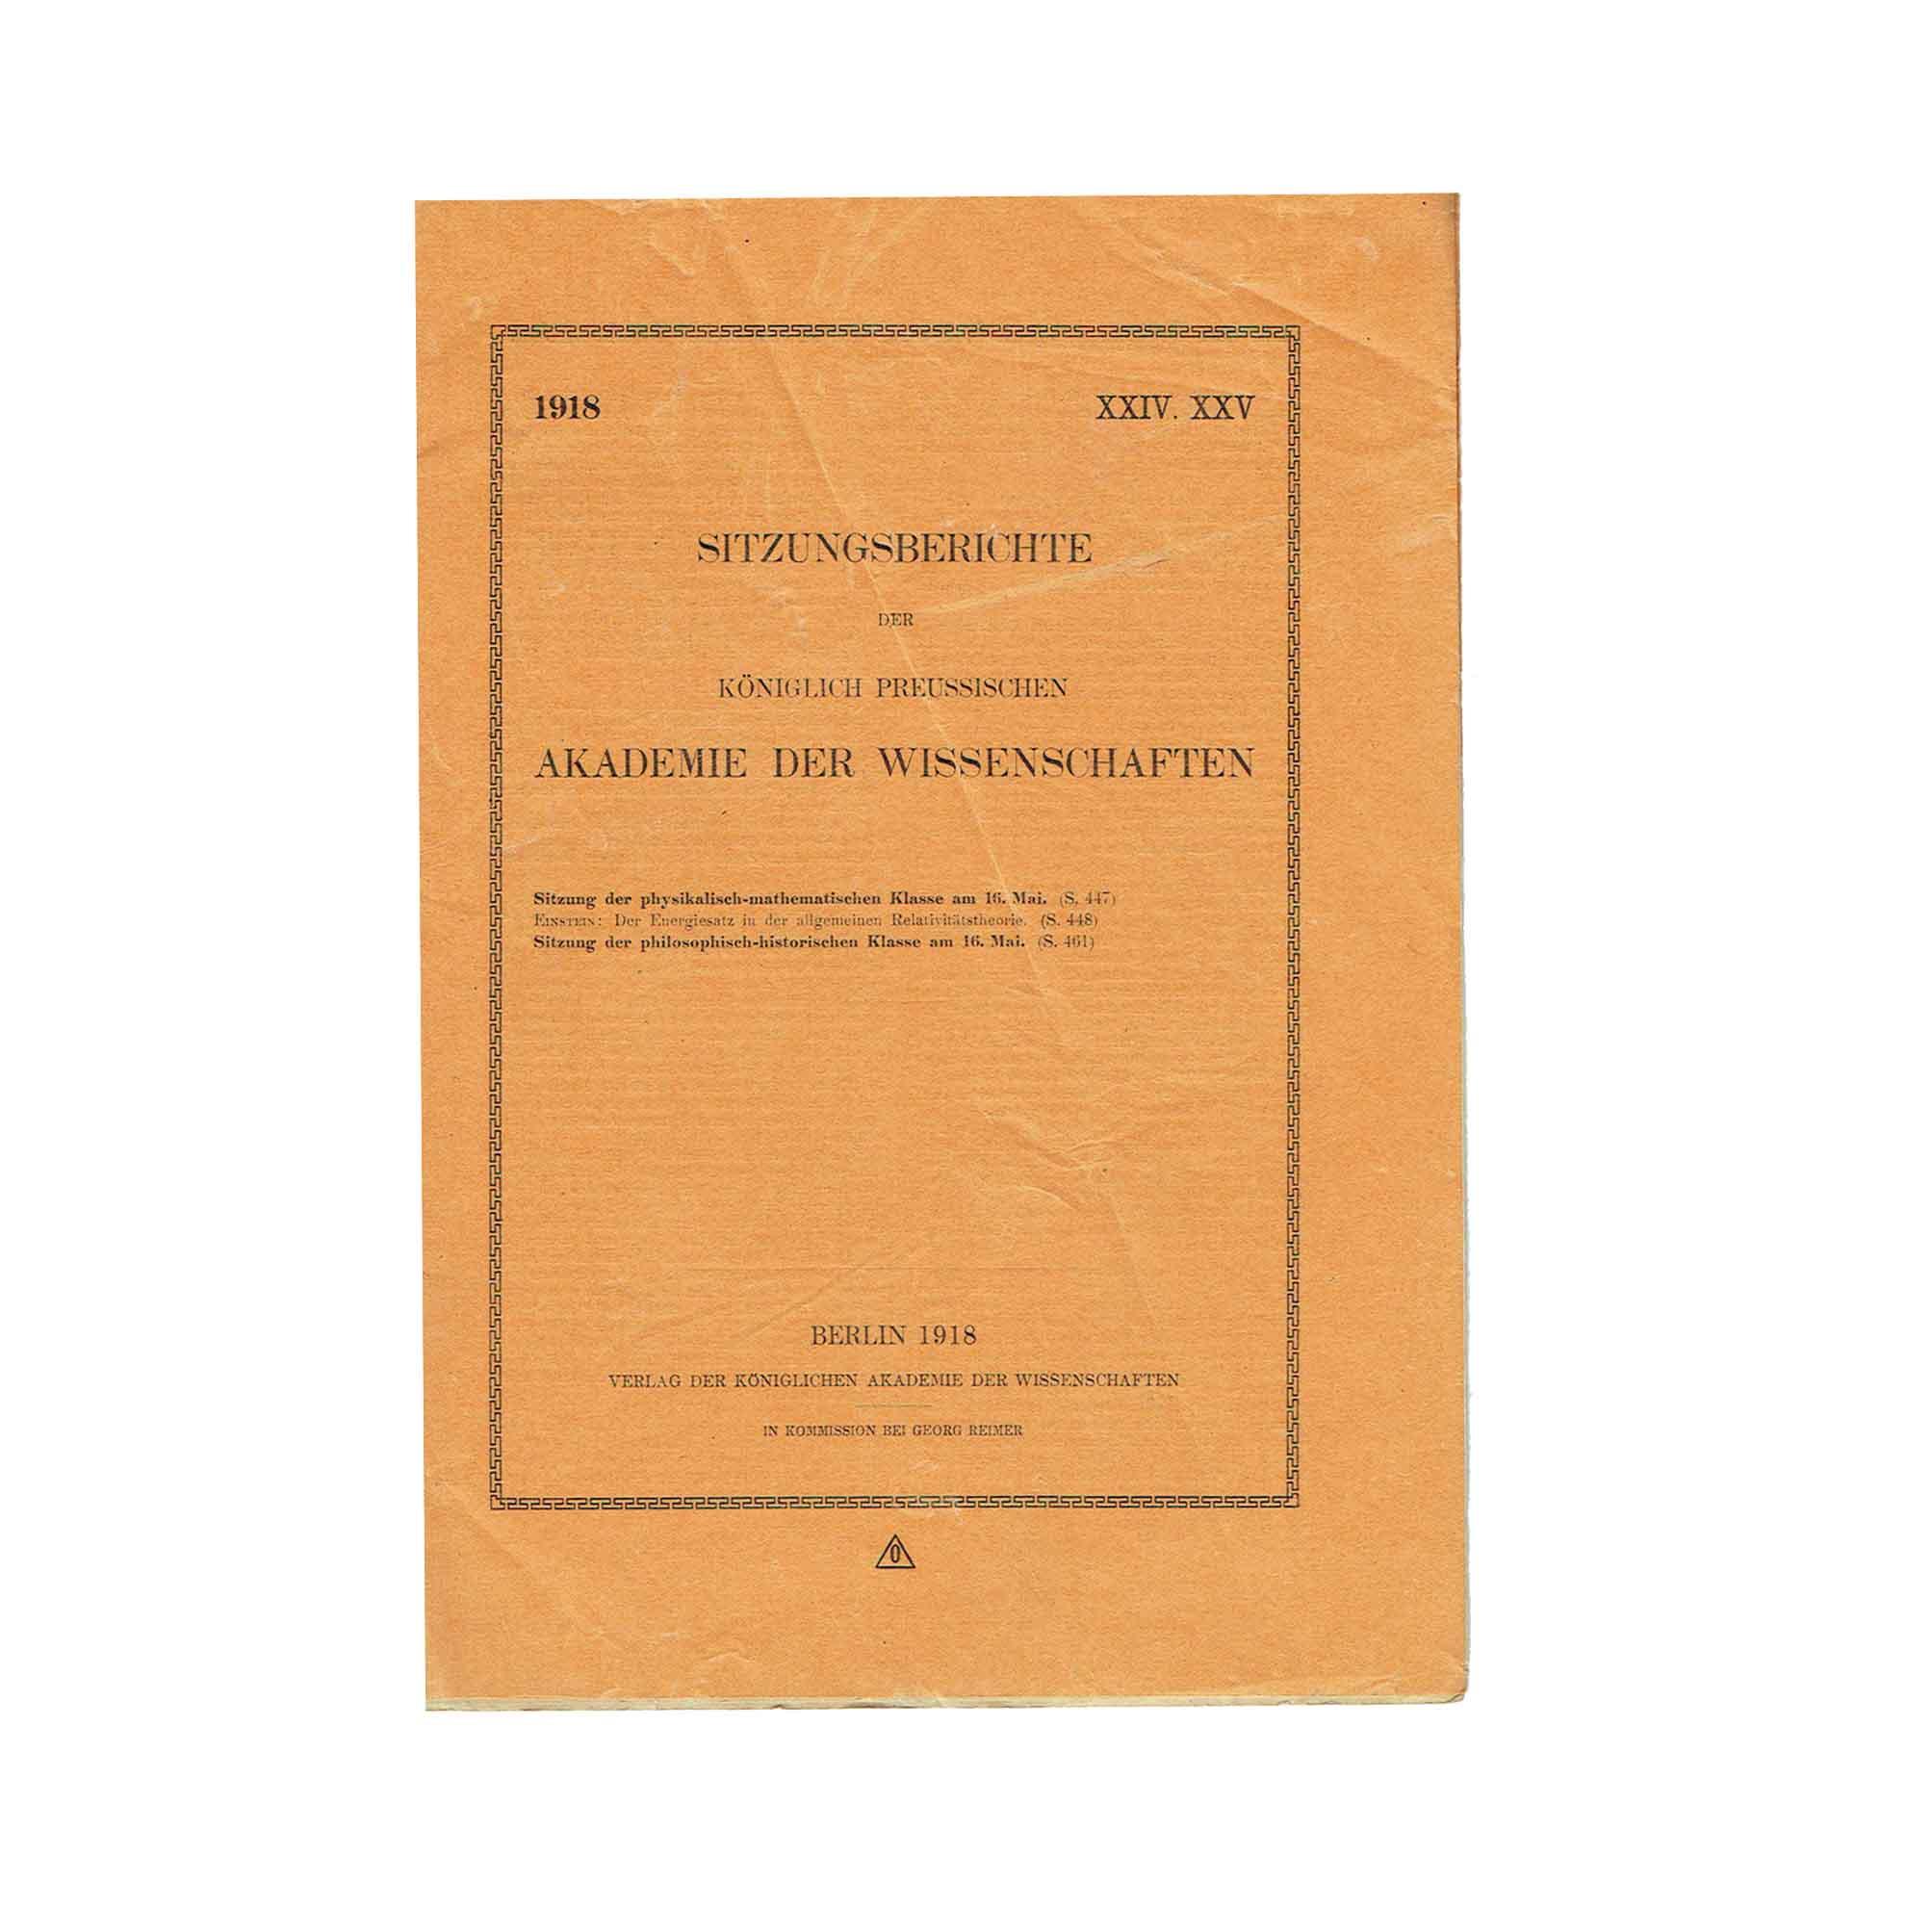 5721-Einstein-Law-of-Energy-Akademie-XXIV-1918-Cover-recto-free-N.jpeg